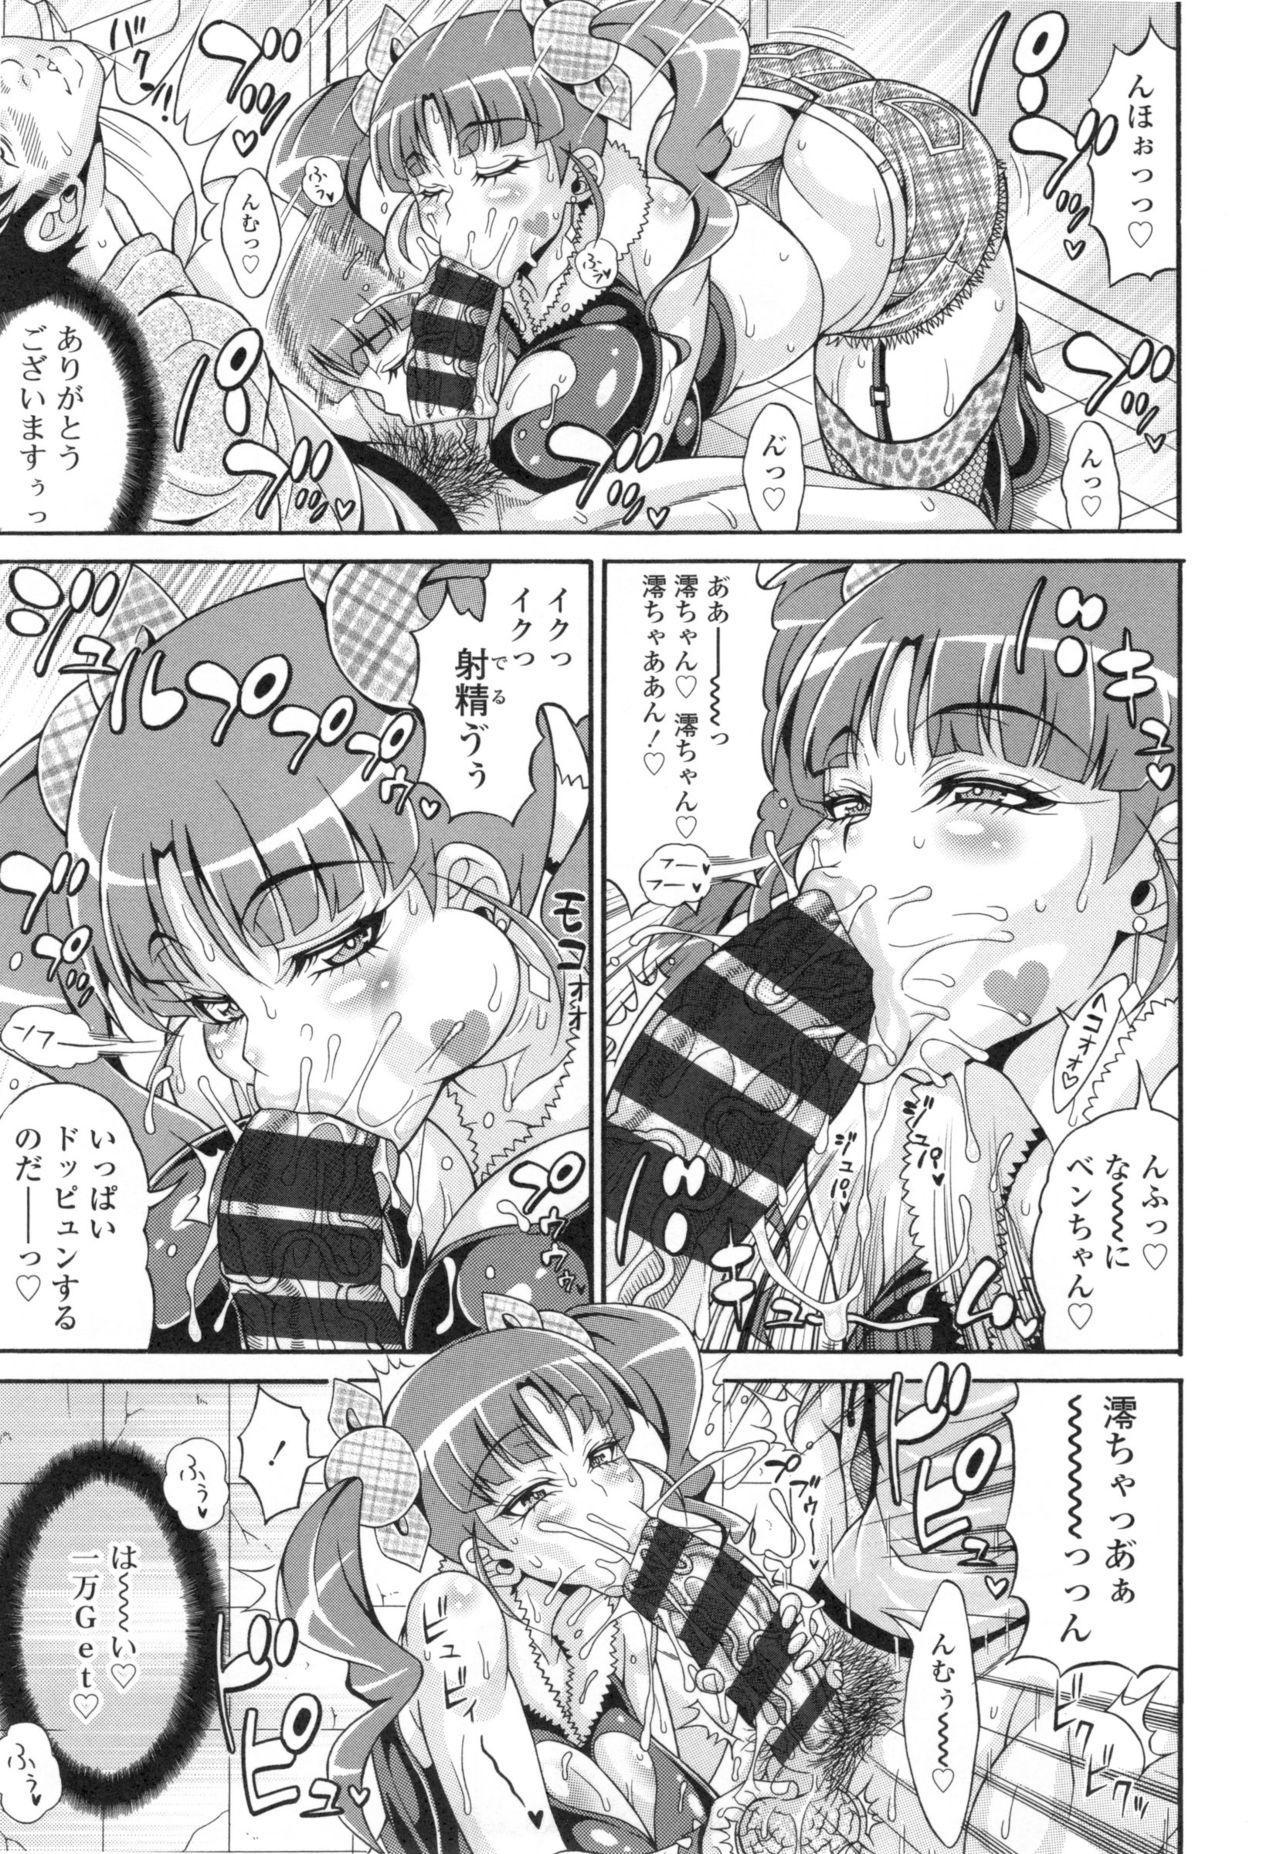 [Andou Hiroyuki] Pakopako Bitch ~Megamori! Mashimashi! Dosukebe Niku~ + Toranoana Leaflet 49